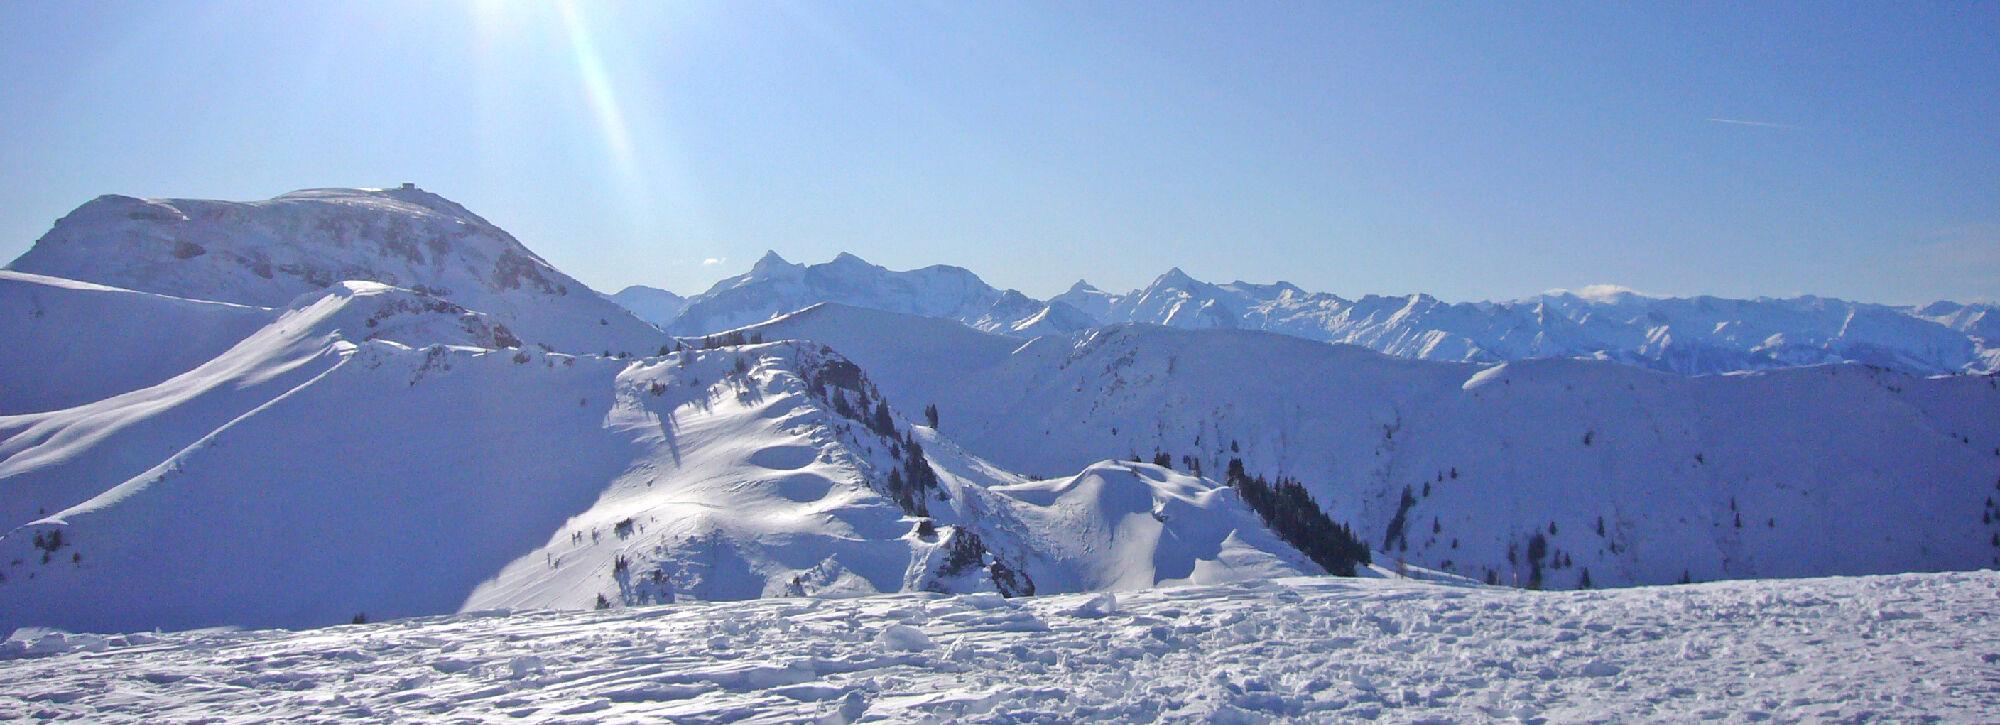 Blick auf das Skigebiet Hochkönig